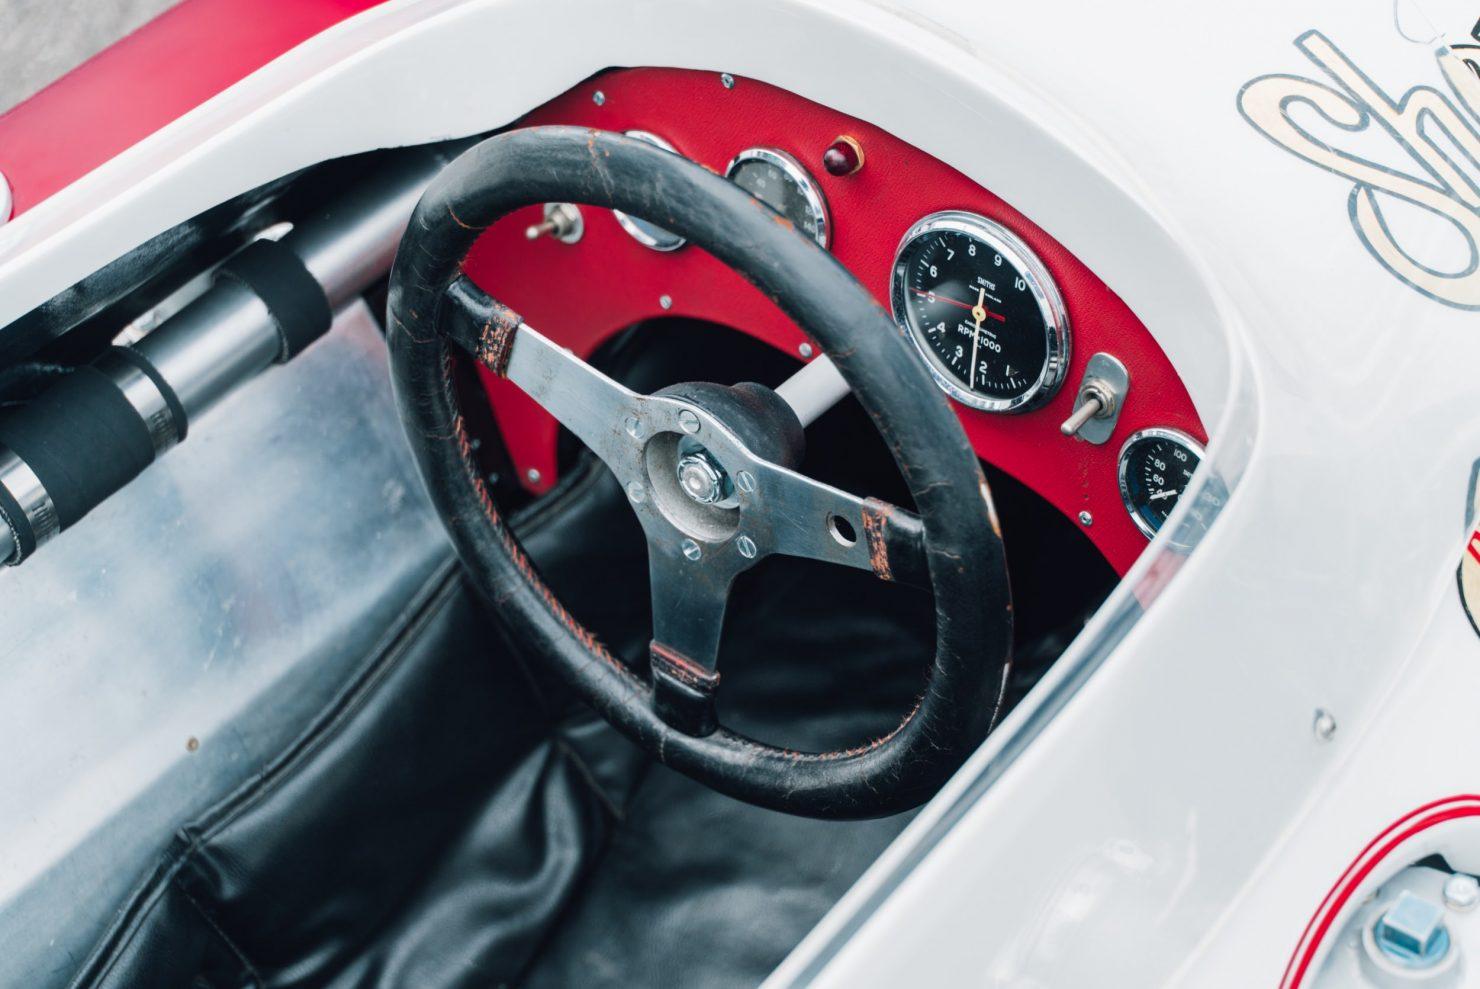 lotus type 34 indy 500 car 24 1480x989 - 1964 Lotus Type 34